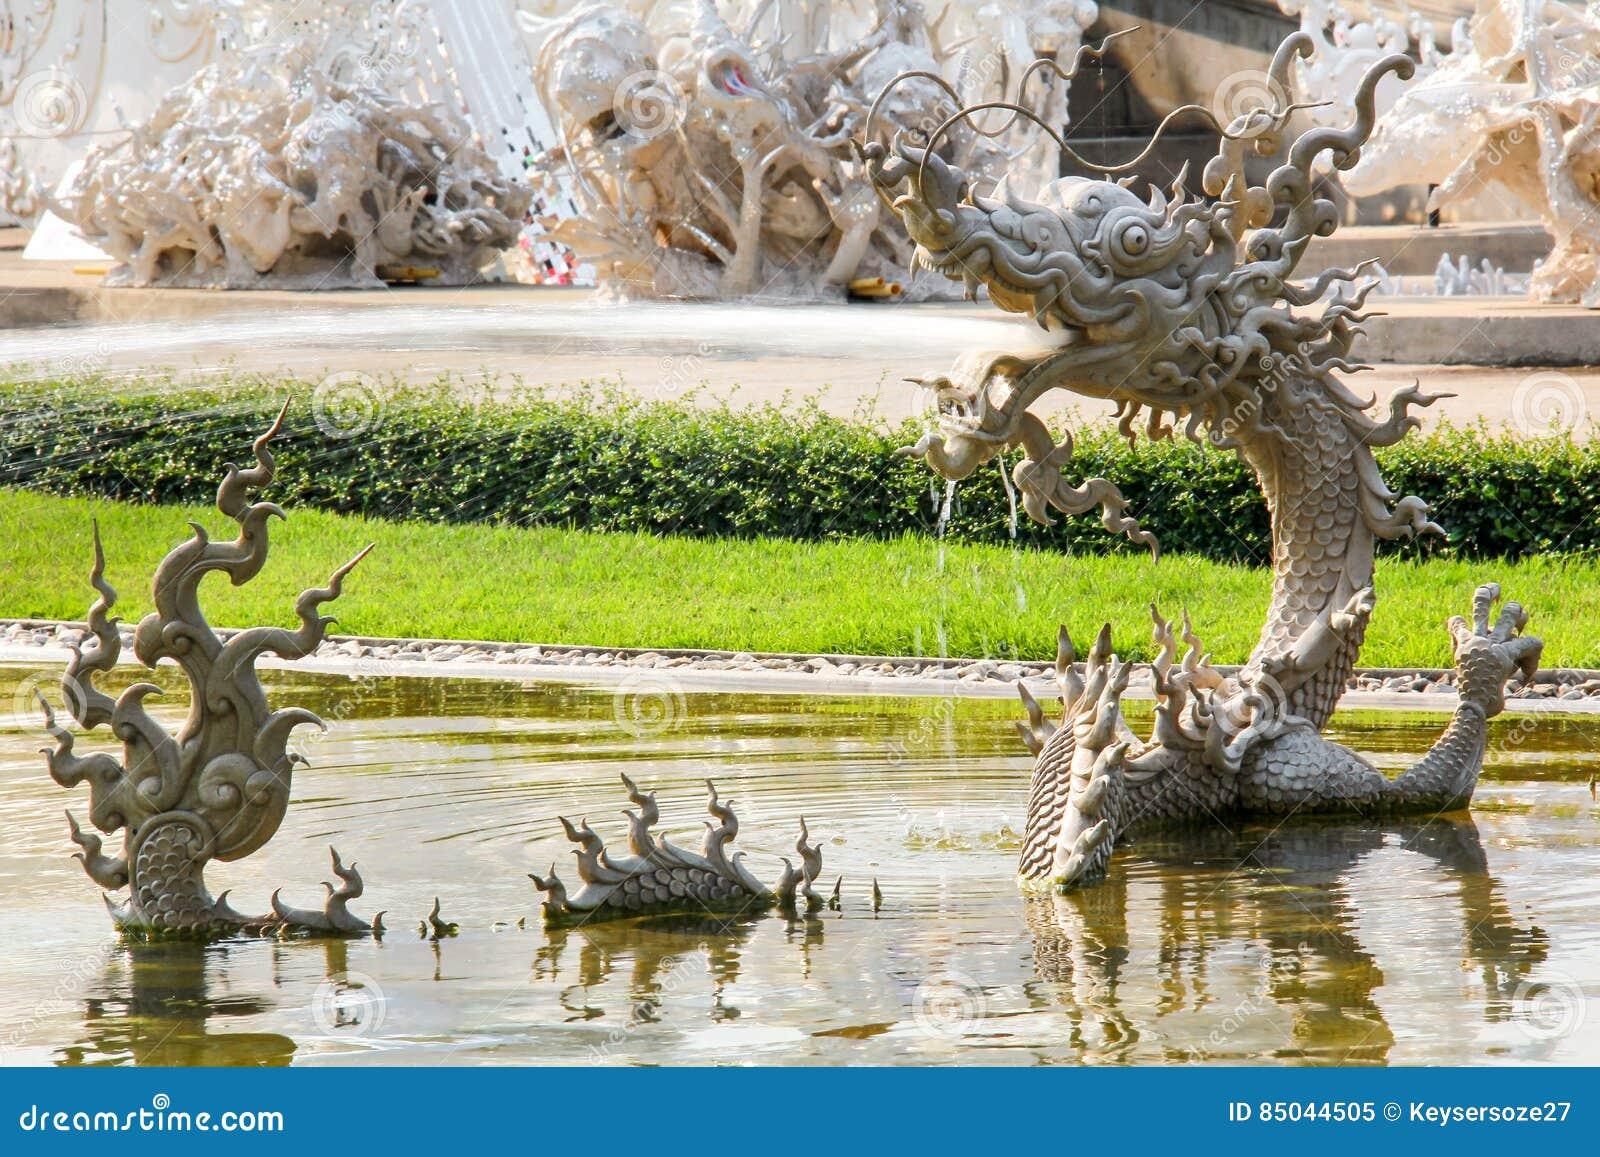 Mito tailandês Dragon Sculpture